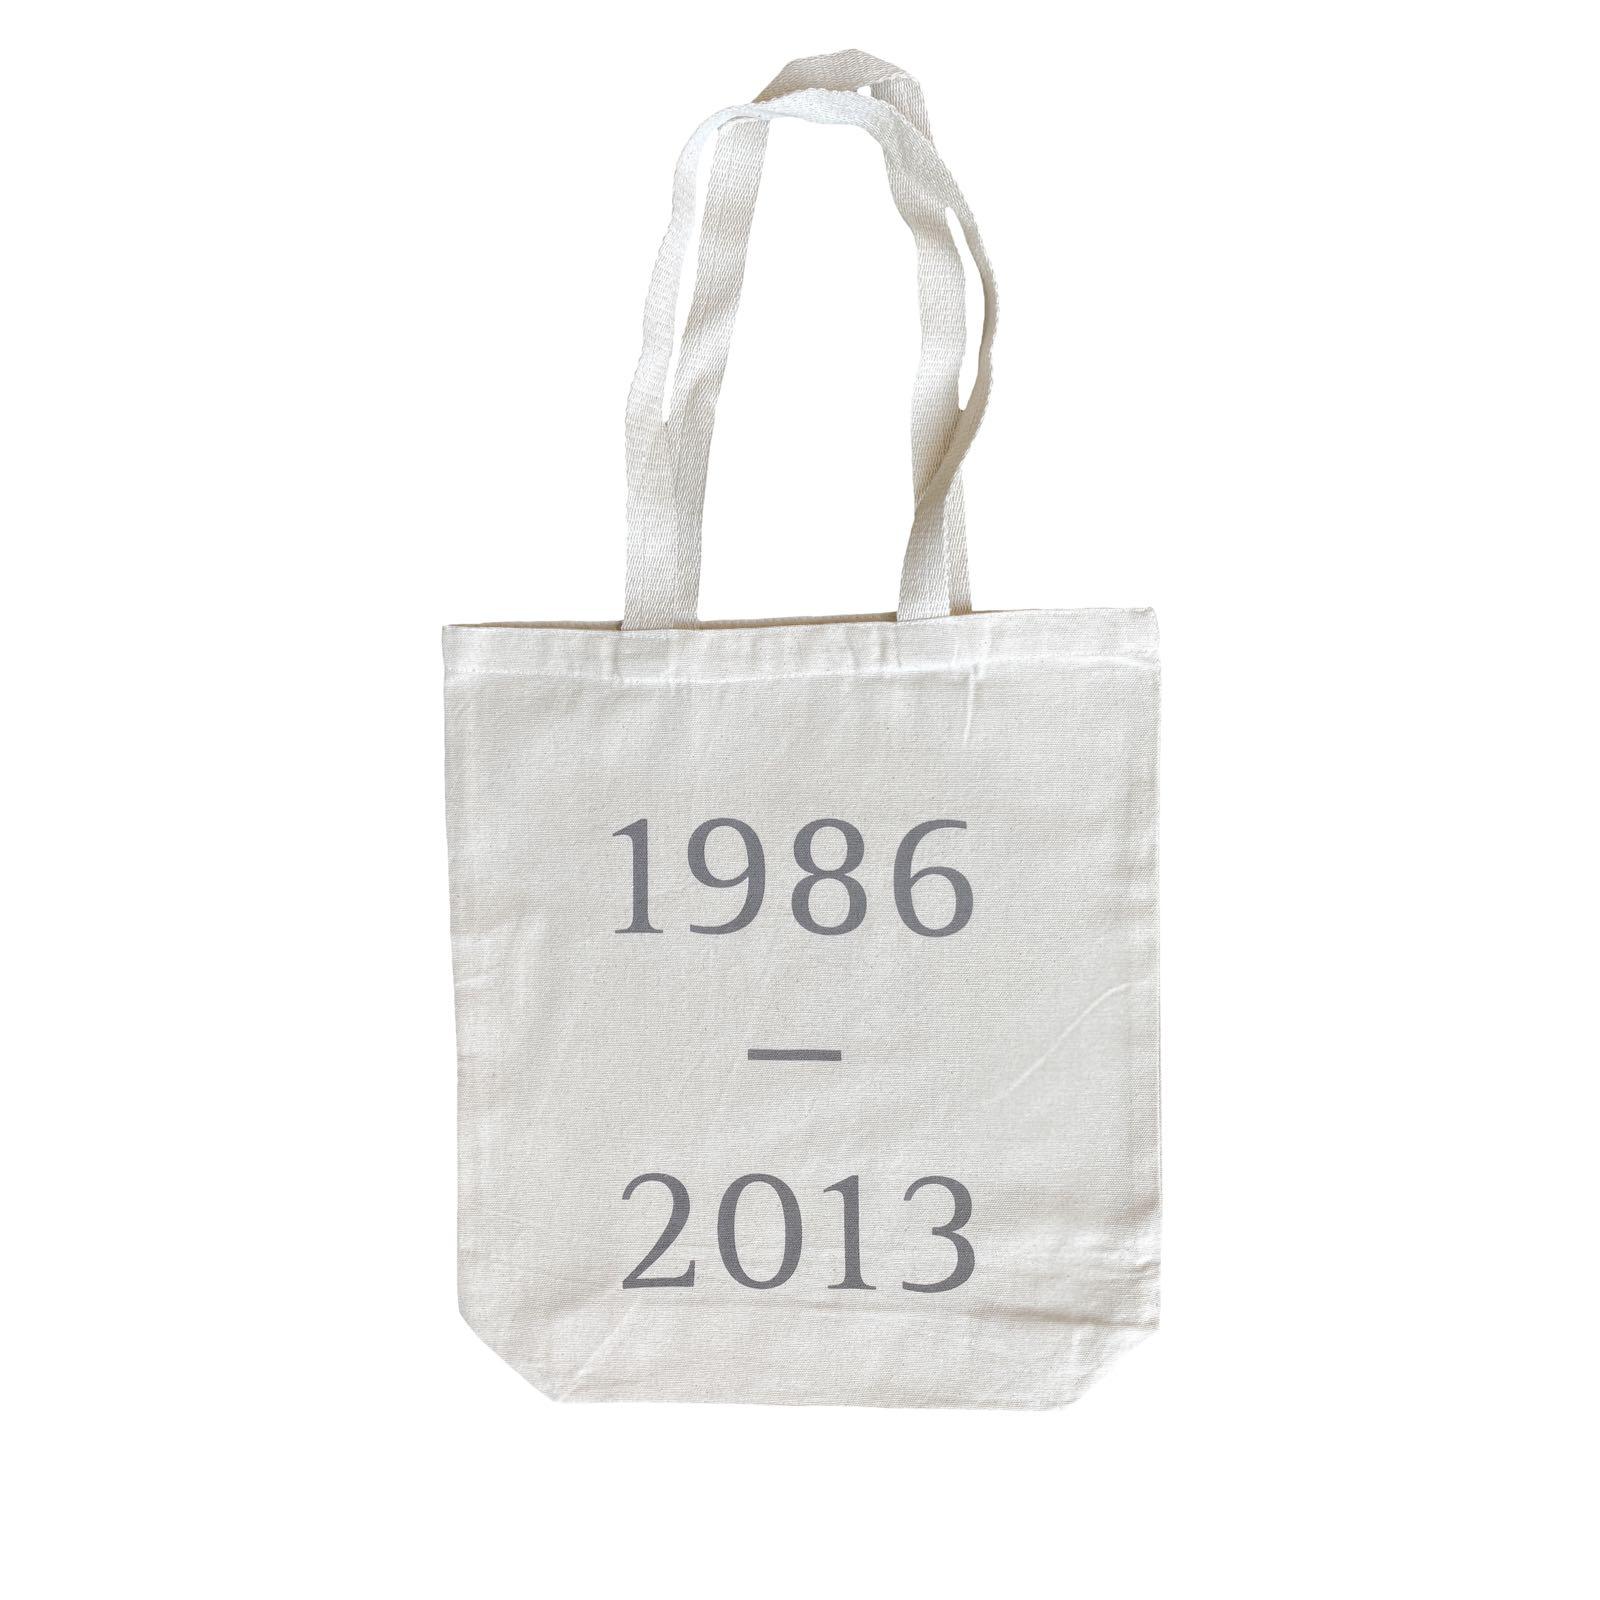 1986-2013 tote bag